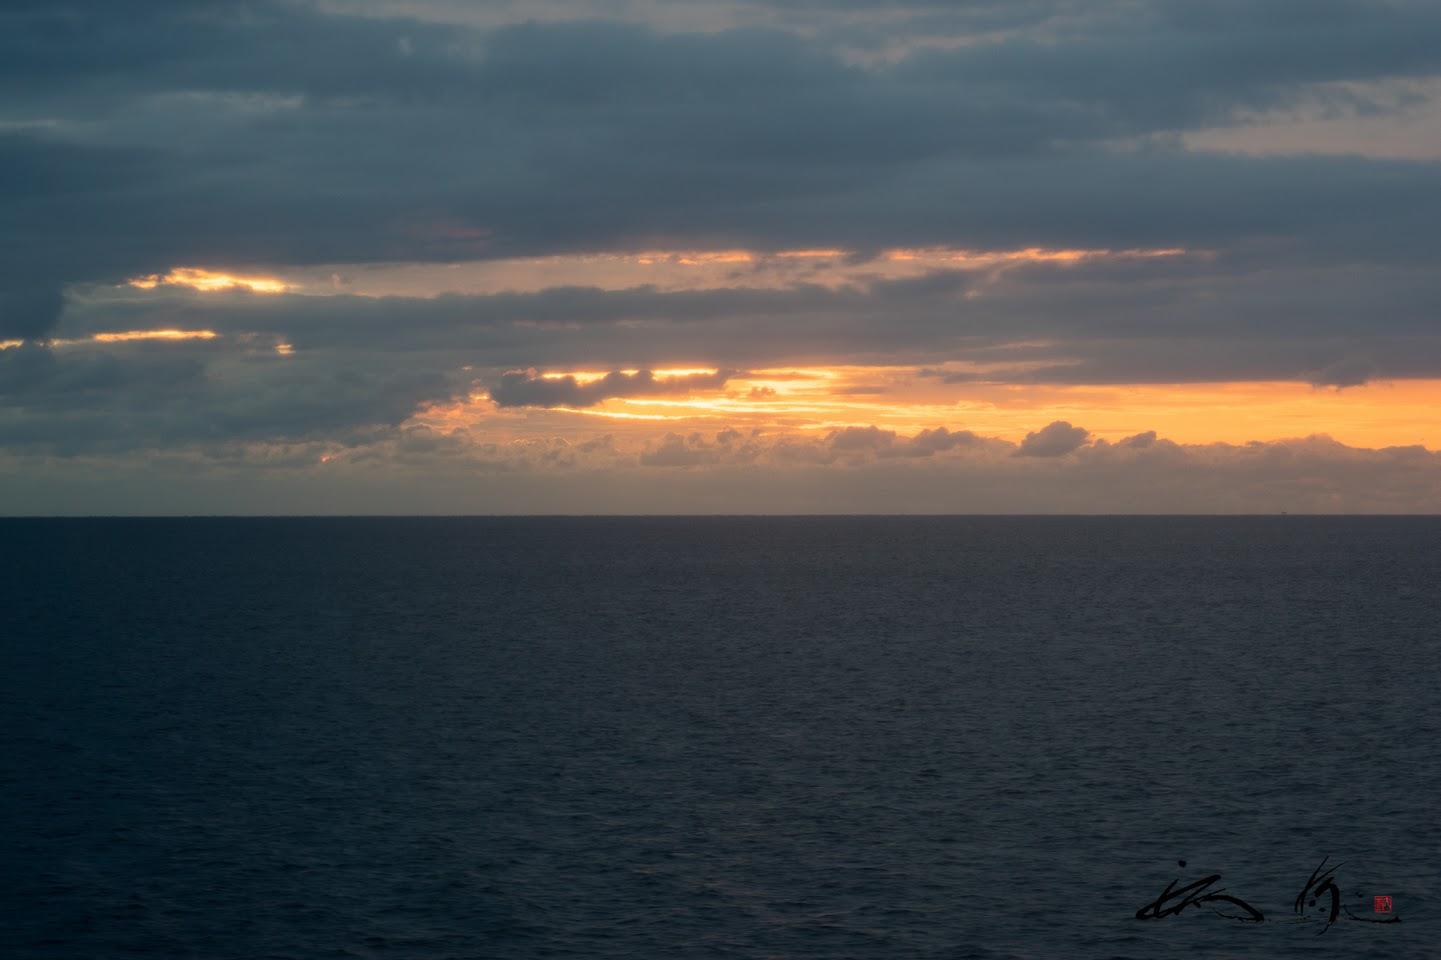 八戸港沖の太平洋上